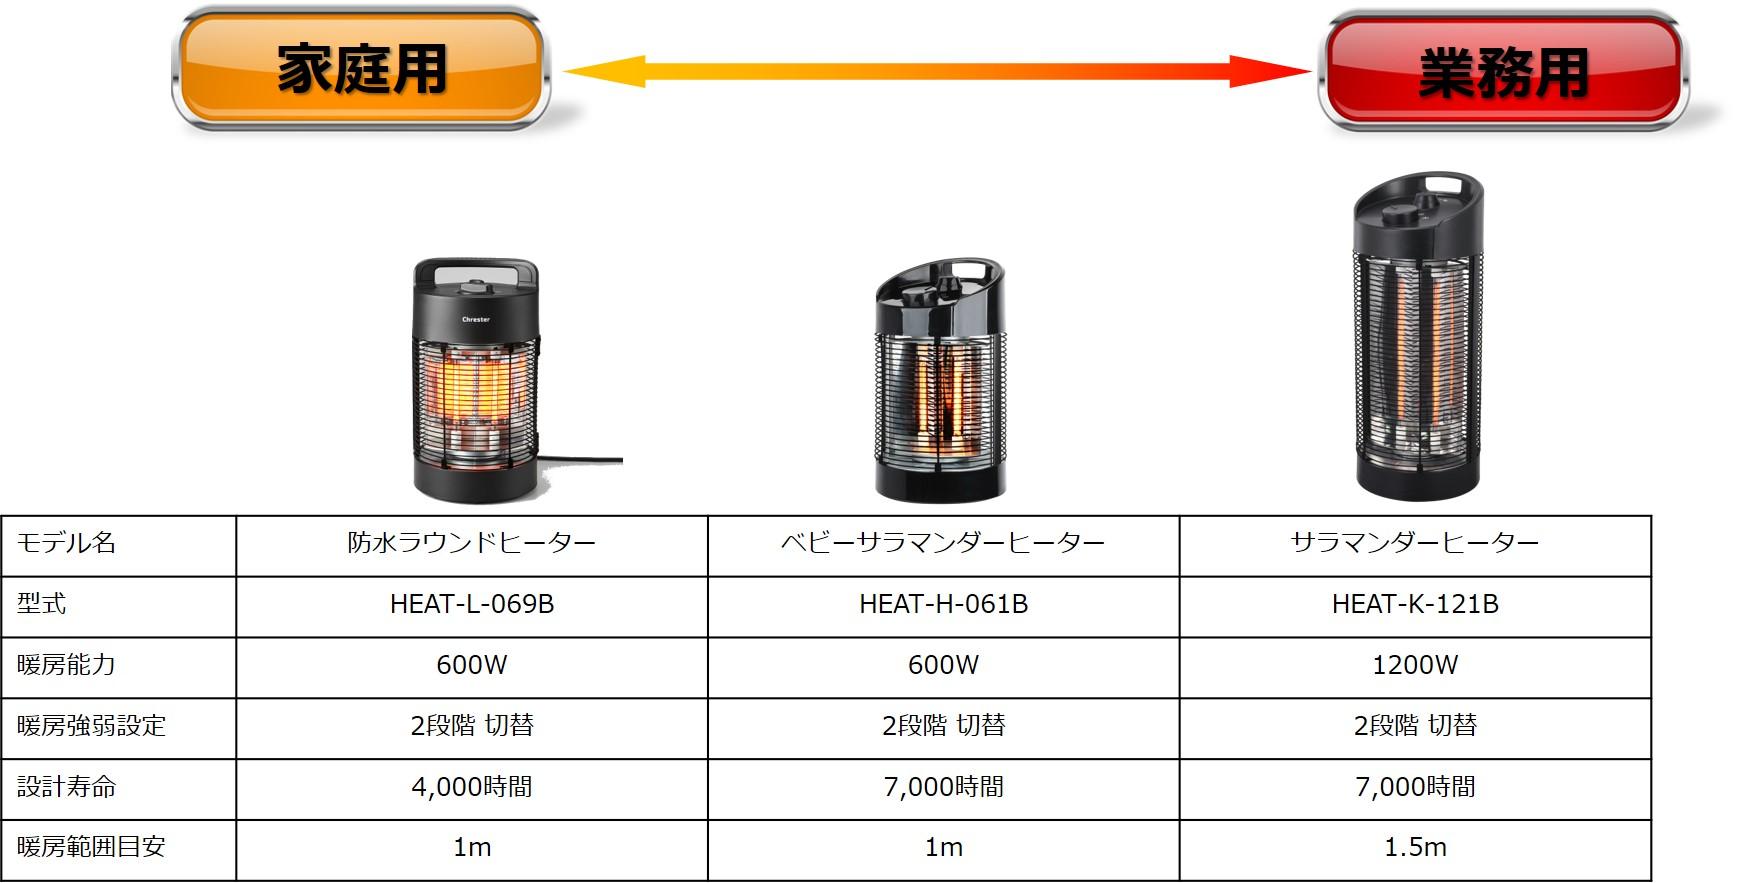 足元暖めタイプヒーターの比較表